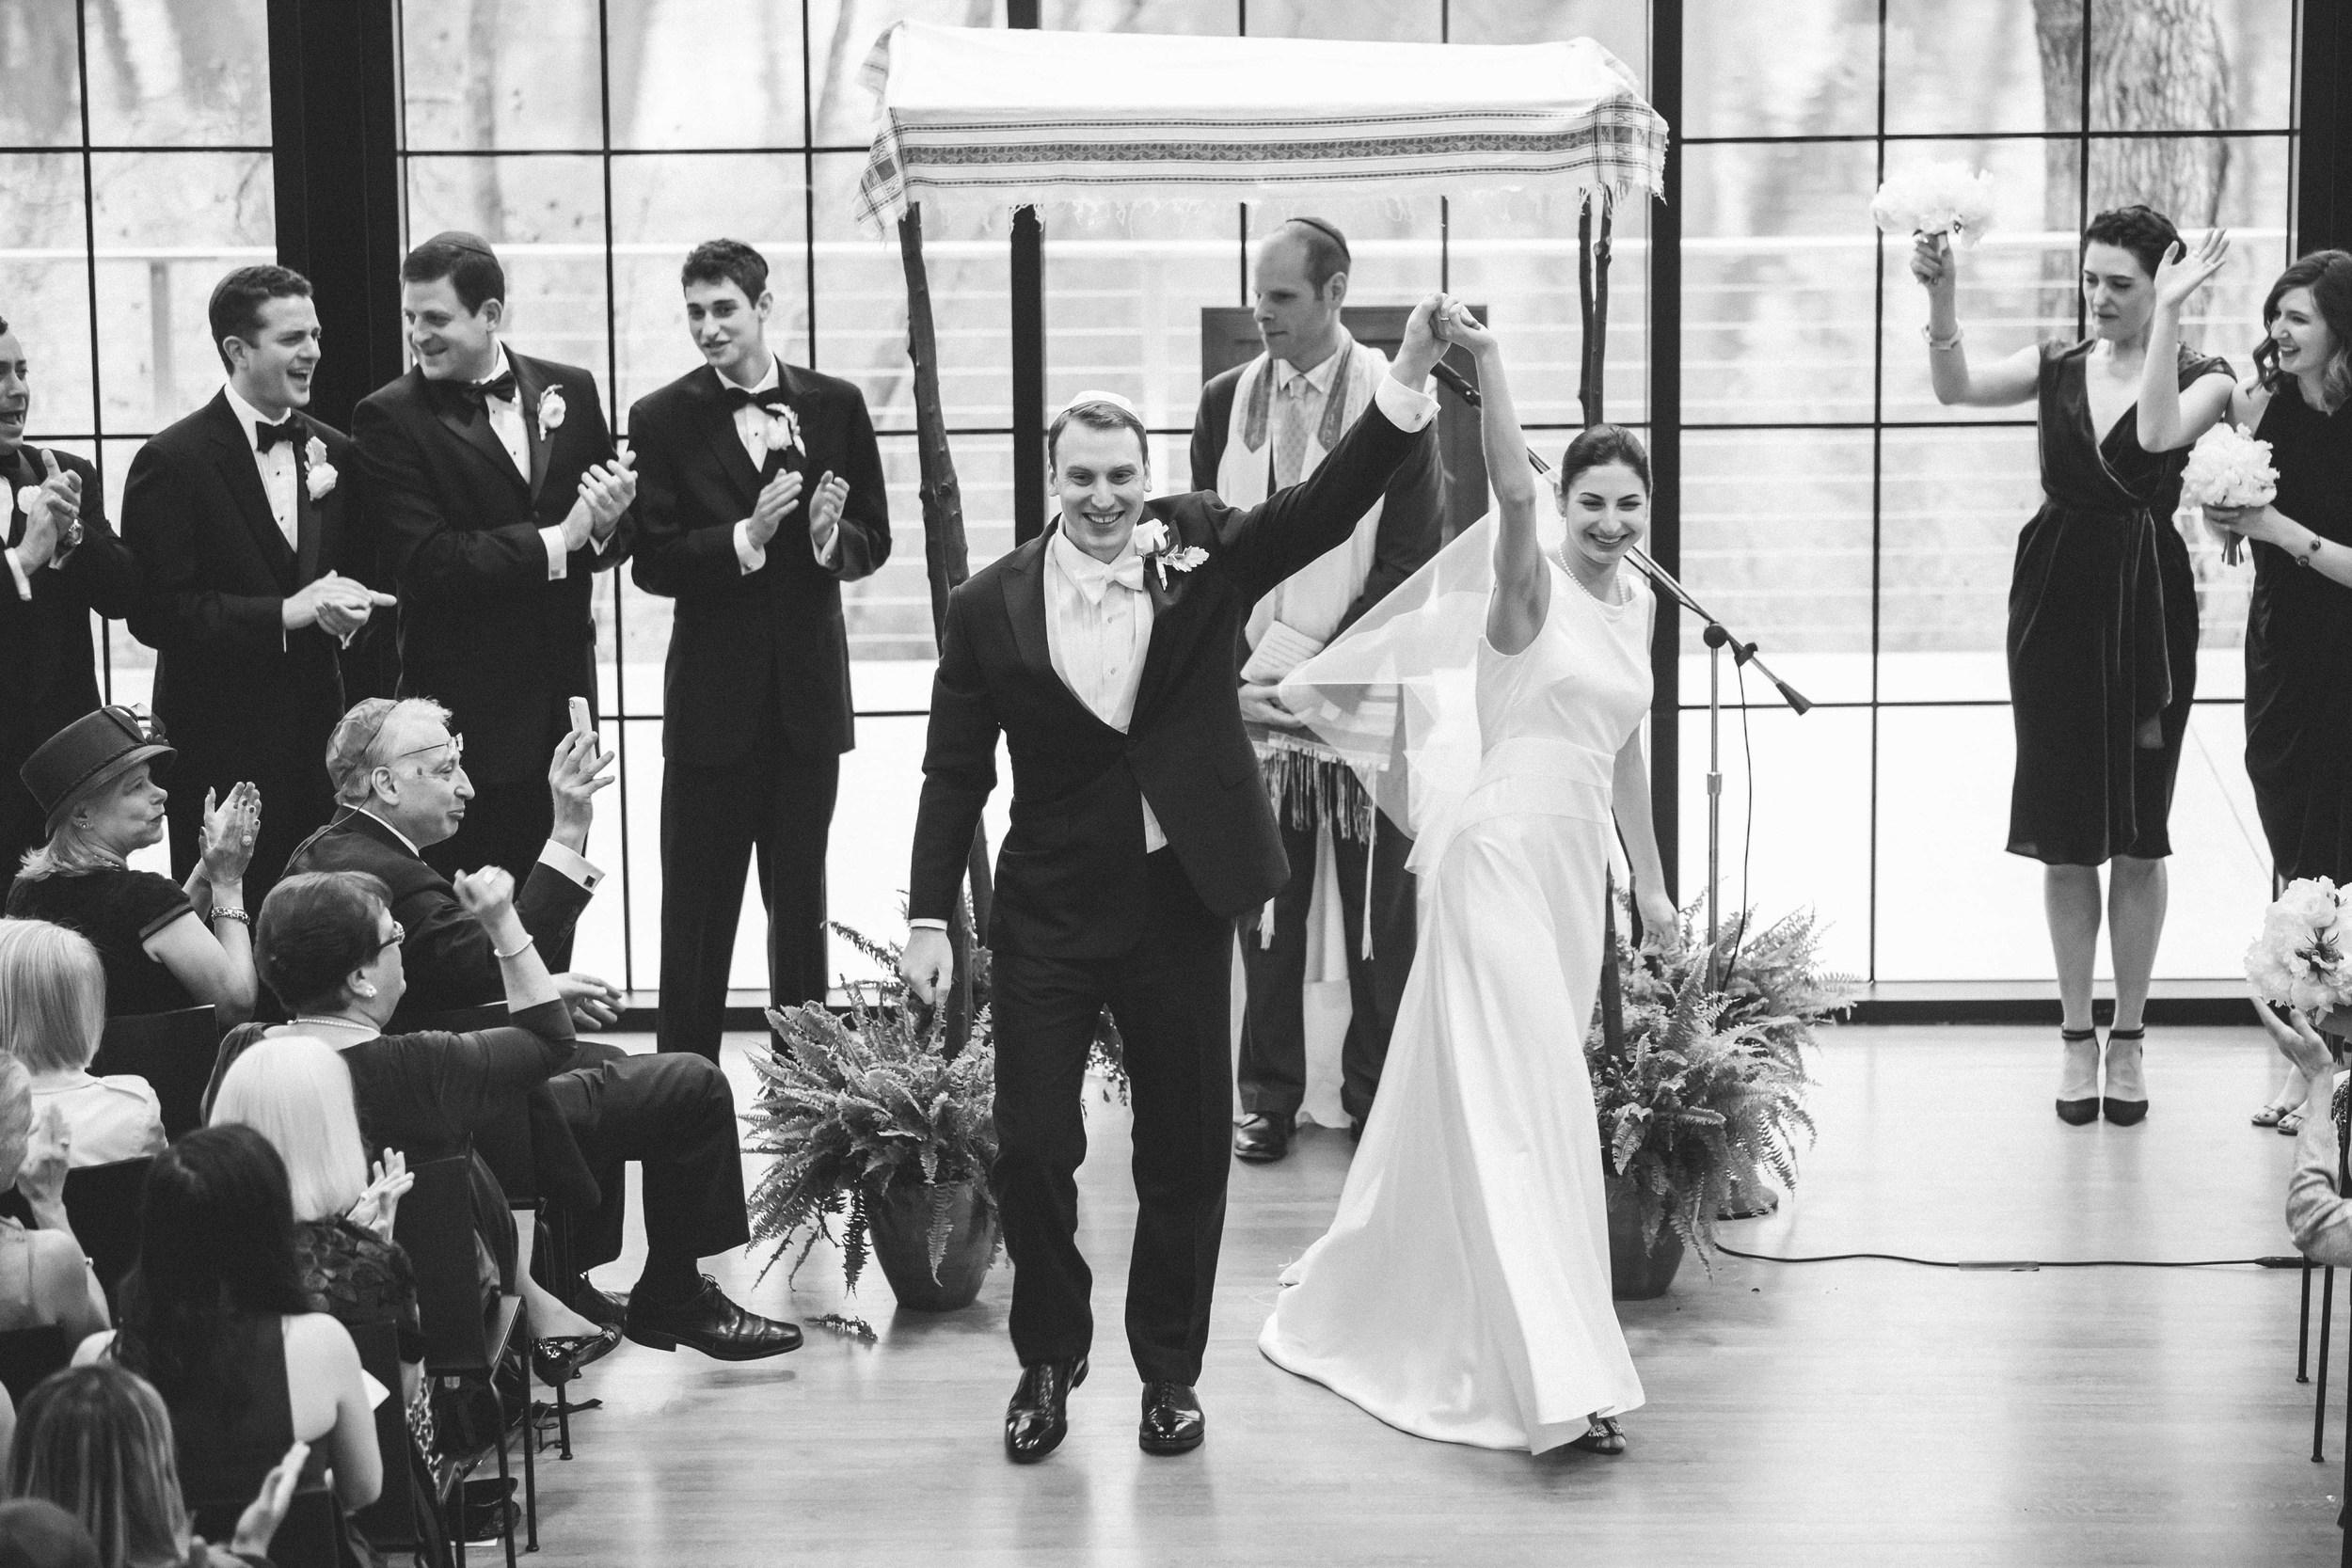 Elegant-Jewish-Wedding-Hudson-Valley-New-York-Documentary-Photography-Jacek-Dolata-10.jpg